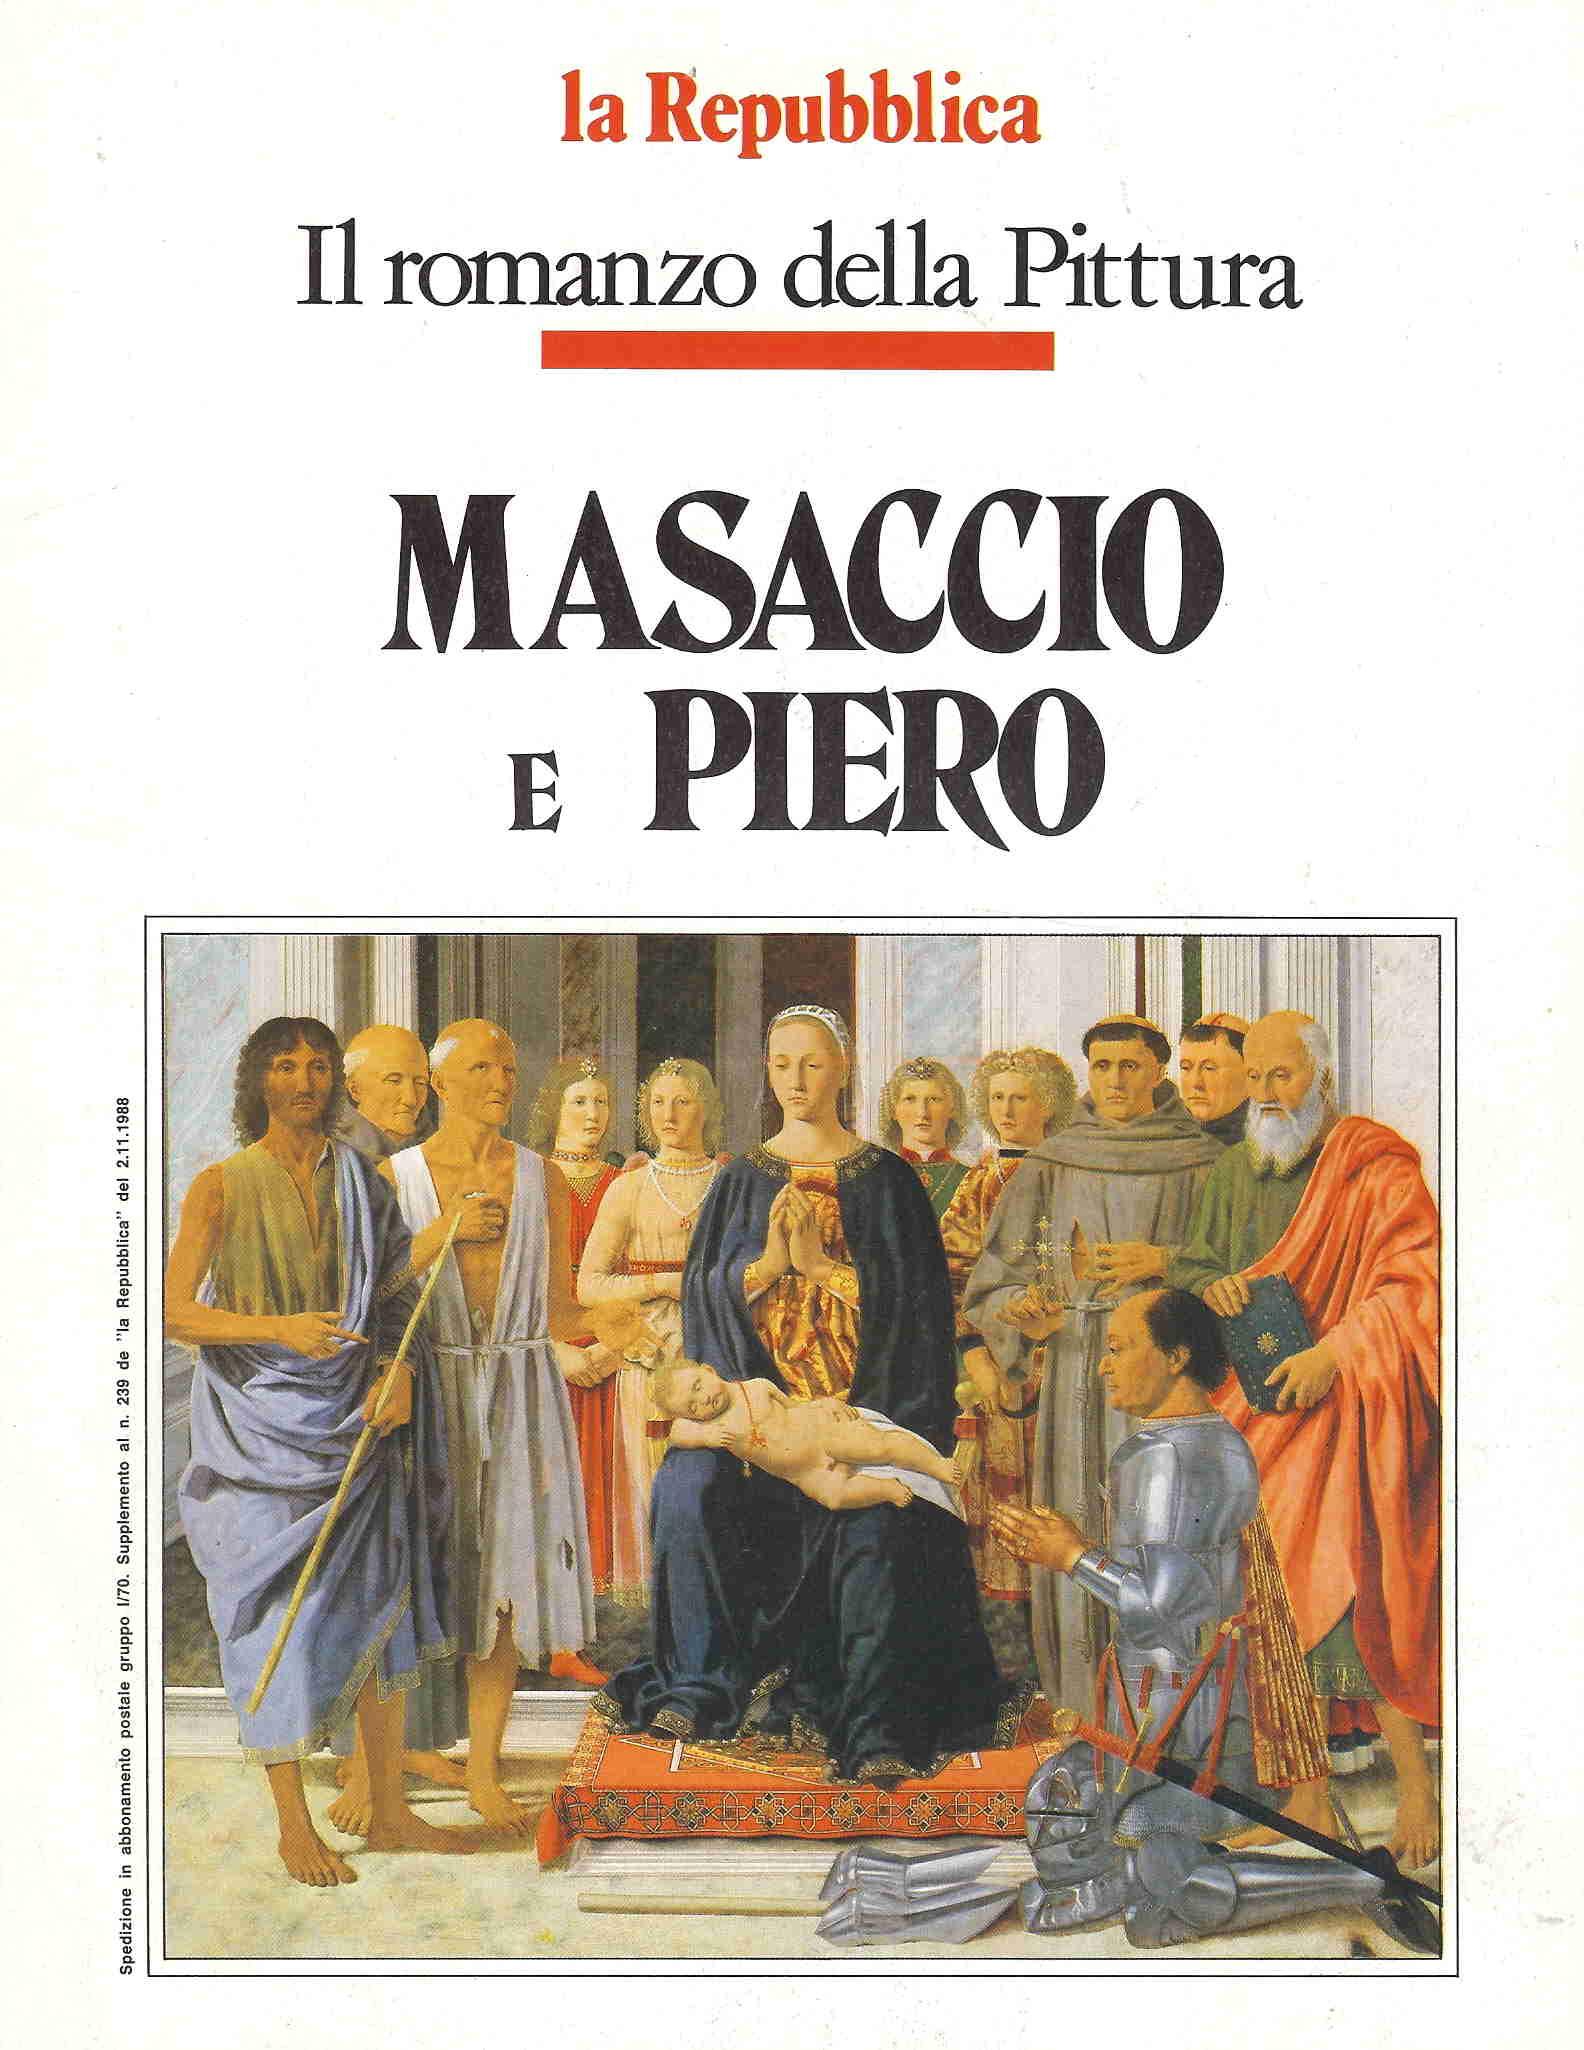 Masaccio e Piero